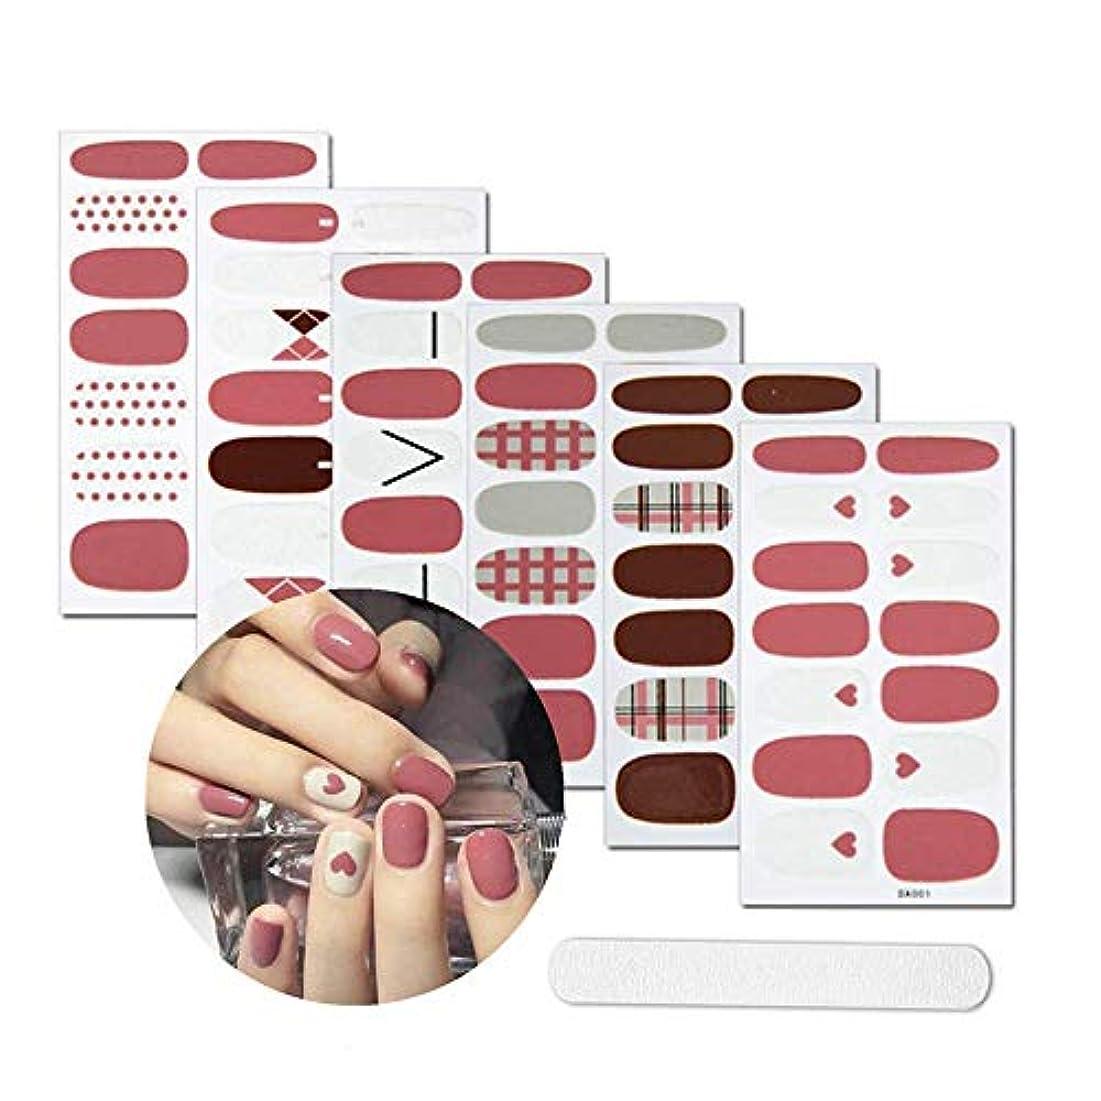 混合した除外する記者ネイルシール 貼るだけマニキュア 6枚セット ネイルアート ネイルステッカー ネイルアクセサリー女性 簡単 レディースプレゼント ギフト可愛い 人気 おしゃれ上級 爪やすり1本付き